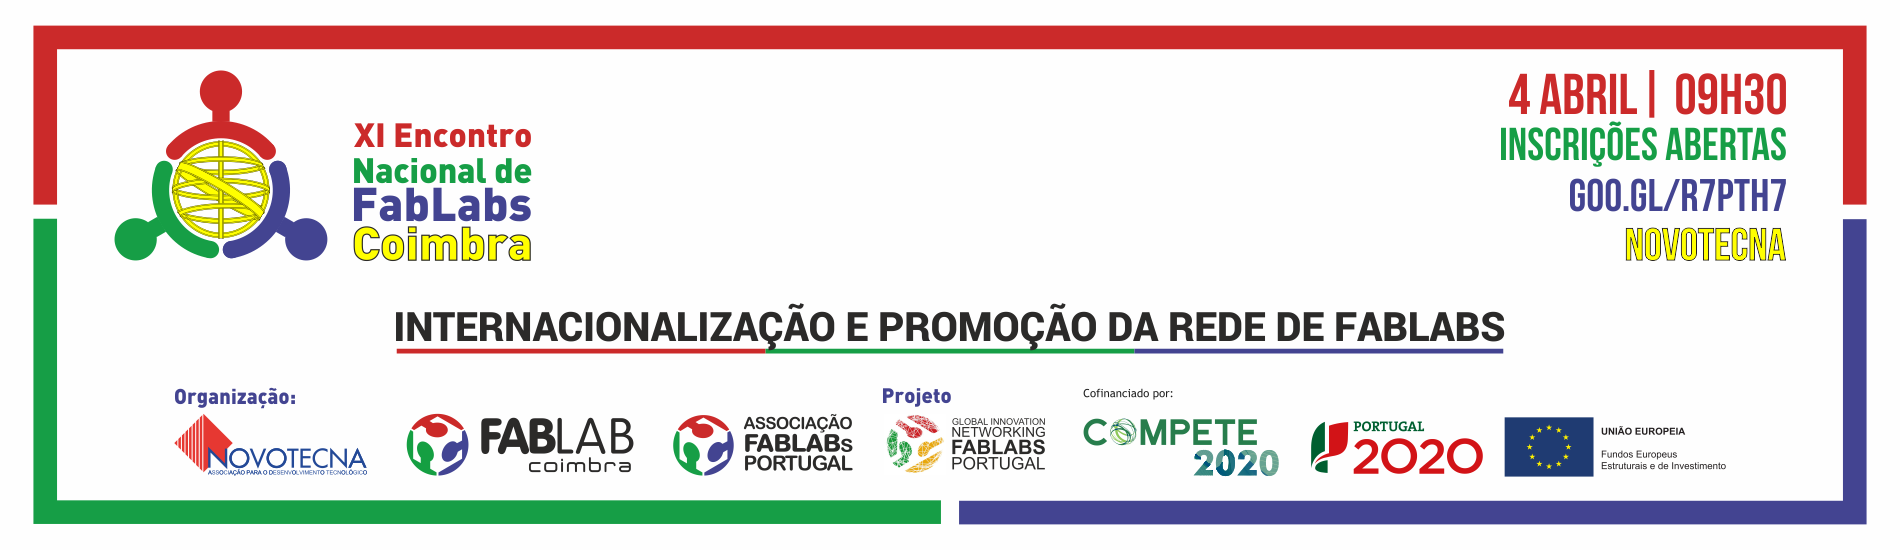 XI Encontro Nacional de FabLabs – Coimbra